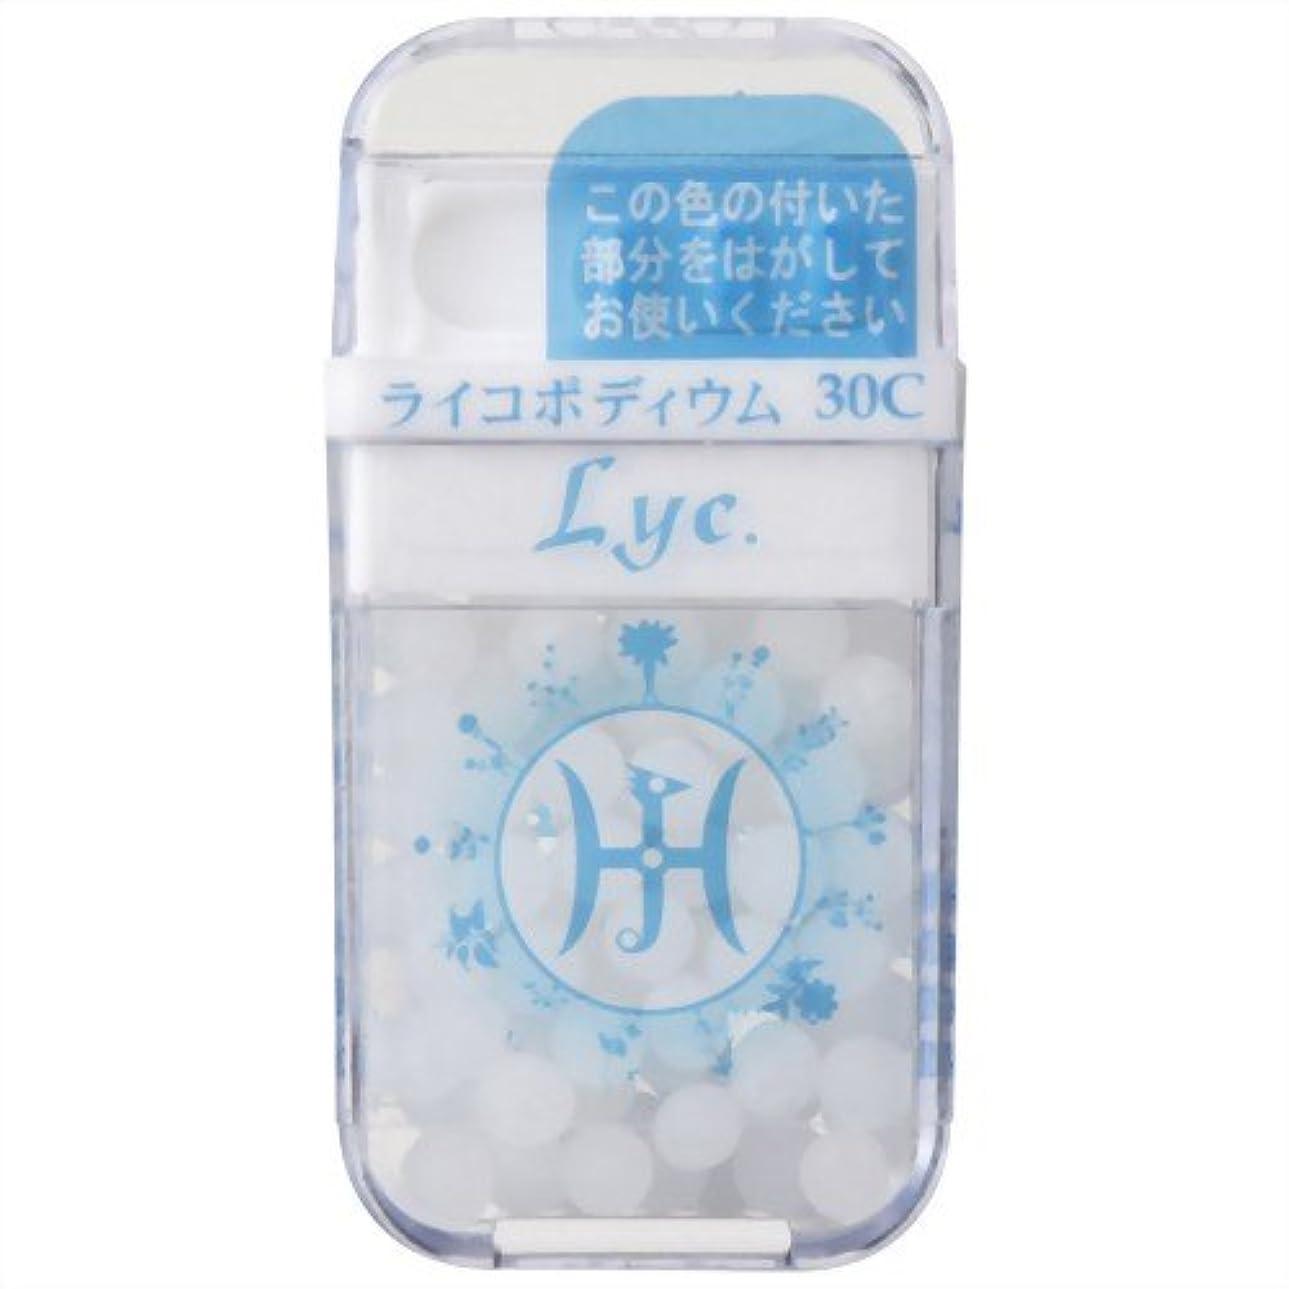 委託息切れレールホメオパシージャパンレメディー Lyc.  ライコボディウム 30C (大ビン)